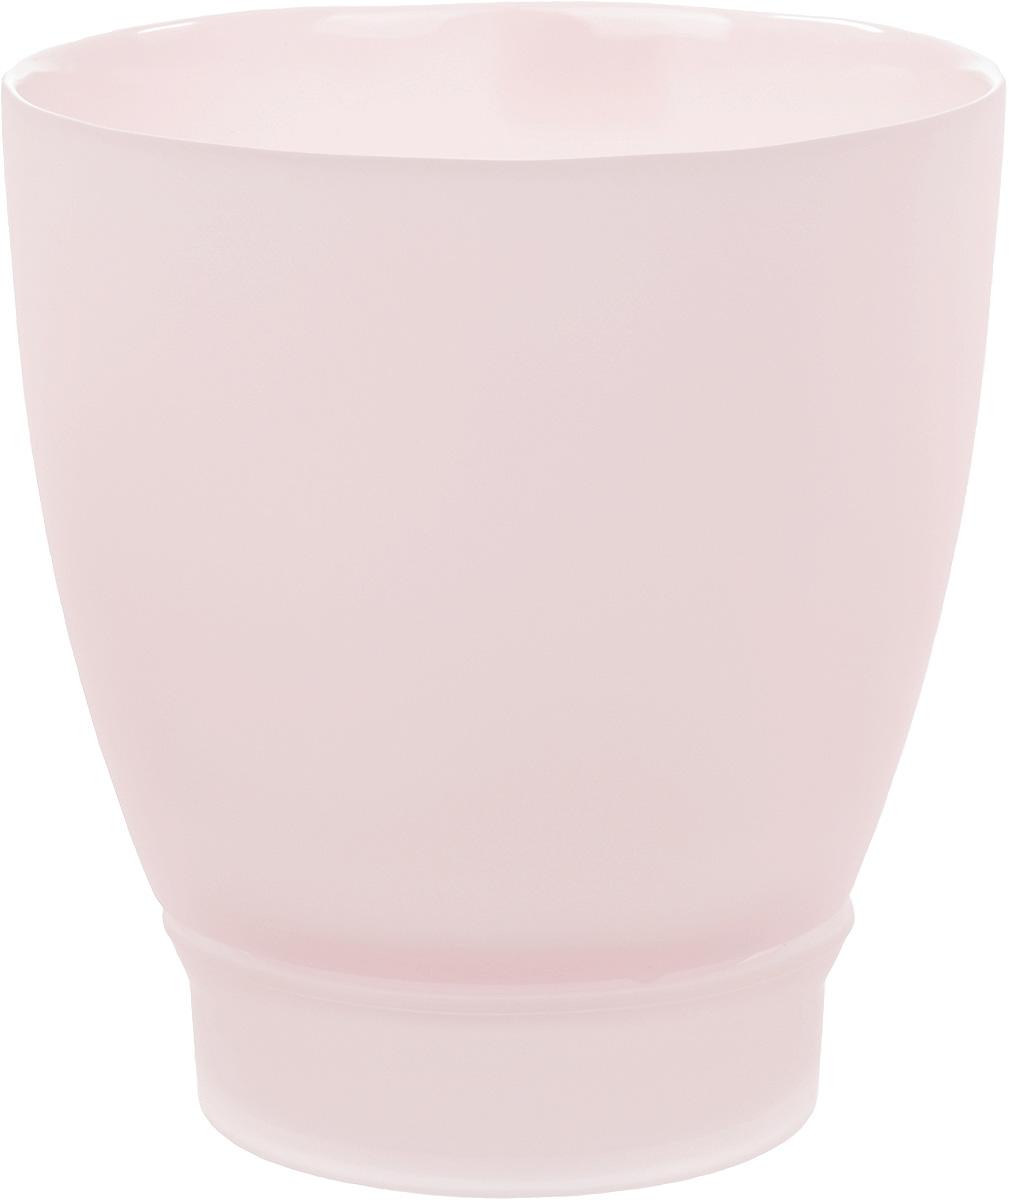 Горшок с поддоном Nina Glass НТ-3, цвет: розовый, 1,7 лNG93-226/1RПродукция завода под брендом NinaGlass известна российскому потребителю необычностью форм и оригинальным декорированием. Главным достоинством стеклянных горшков является отсутствие пористости на их внутренней поверхности, что делает безопасной смену растительного состава. Предприятие производит два вида изделий для флористов:- стеклянные цветочные горшки с отверстием в дне для посадки в них цветов и растений и подставкой под горшок в виде блюдца;- кашпо без отверстия для укладки в них пластиковых контейнеров с цветами и растениями.Горшки и кашпо изготавливаются из опалового триплексного (тройного) стекла с различными видами декорирования водо- и износостойкими красками. Возможна окраска изделий изнутри. Матовая поверхность и окраска изнутри создают объемный эффект, а сами цвета очень мягкие и приятные. Также интересны и формы изделий, выполненные методом центробежного формования: - горшки НТ - современная модель горшка с поддоном, которые смотрятся как единое целое и обладают устойчивым широким дном;- кашпо НТ - глубокие, с небольшим радиусом выпуклости, хорошим широким дном. Кашпо-подсвечники в форме куба можно считать дополнительной опцией: вы можете оформить интерьер не только оригинальными горшками и кашпо, но также весьма привлекательными подсвечниками.Доступны 5 размеров горшков и кашпо и 3 размера кашпо-кубов. Продукция TM NinaGlass безопасна, функциональна, прочна и уникальна. Горшки и кашпо способны создать неповторимое настроение и стать центром интерьера в любом помещении.